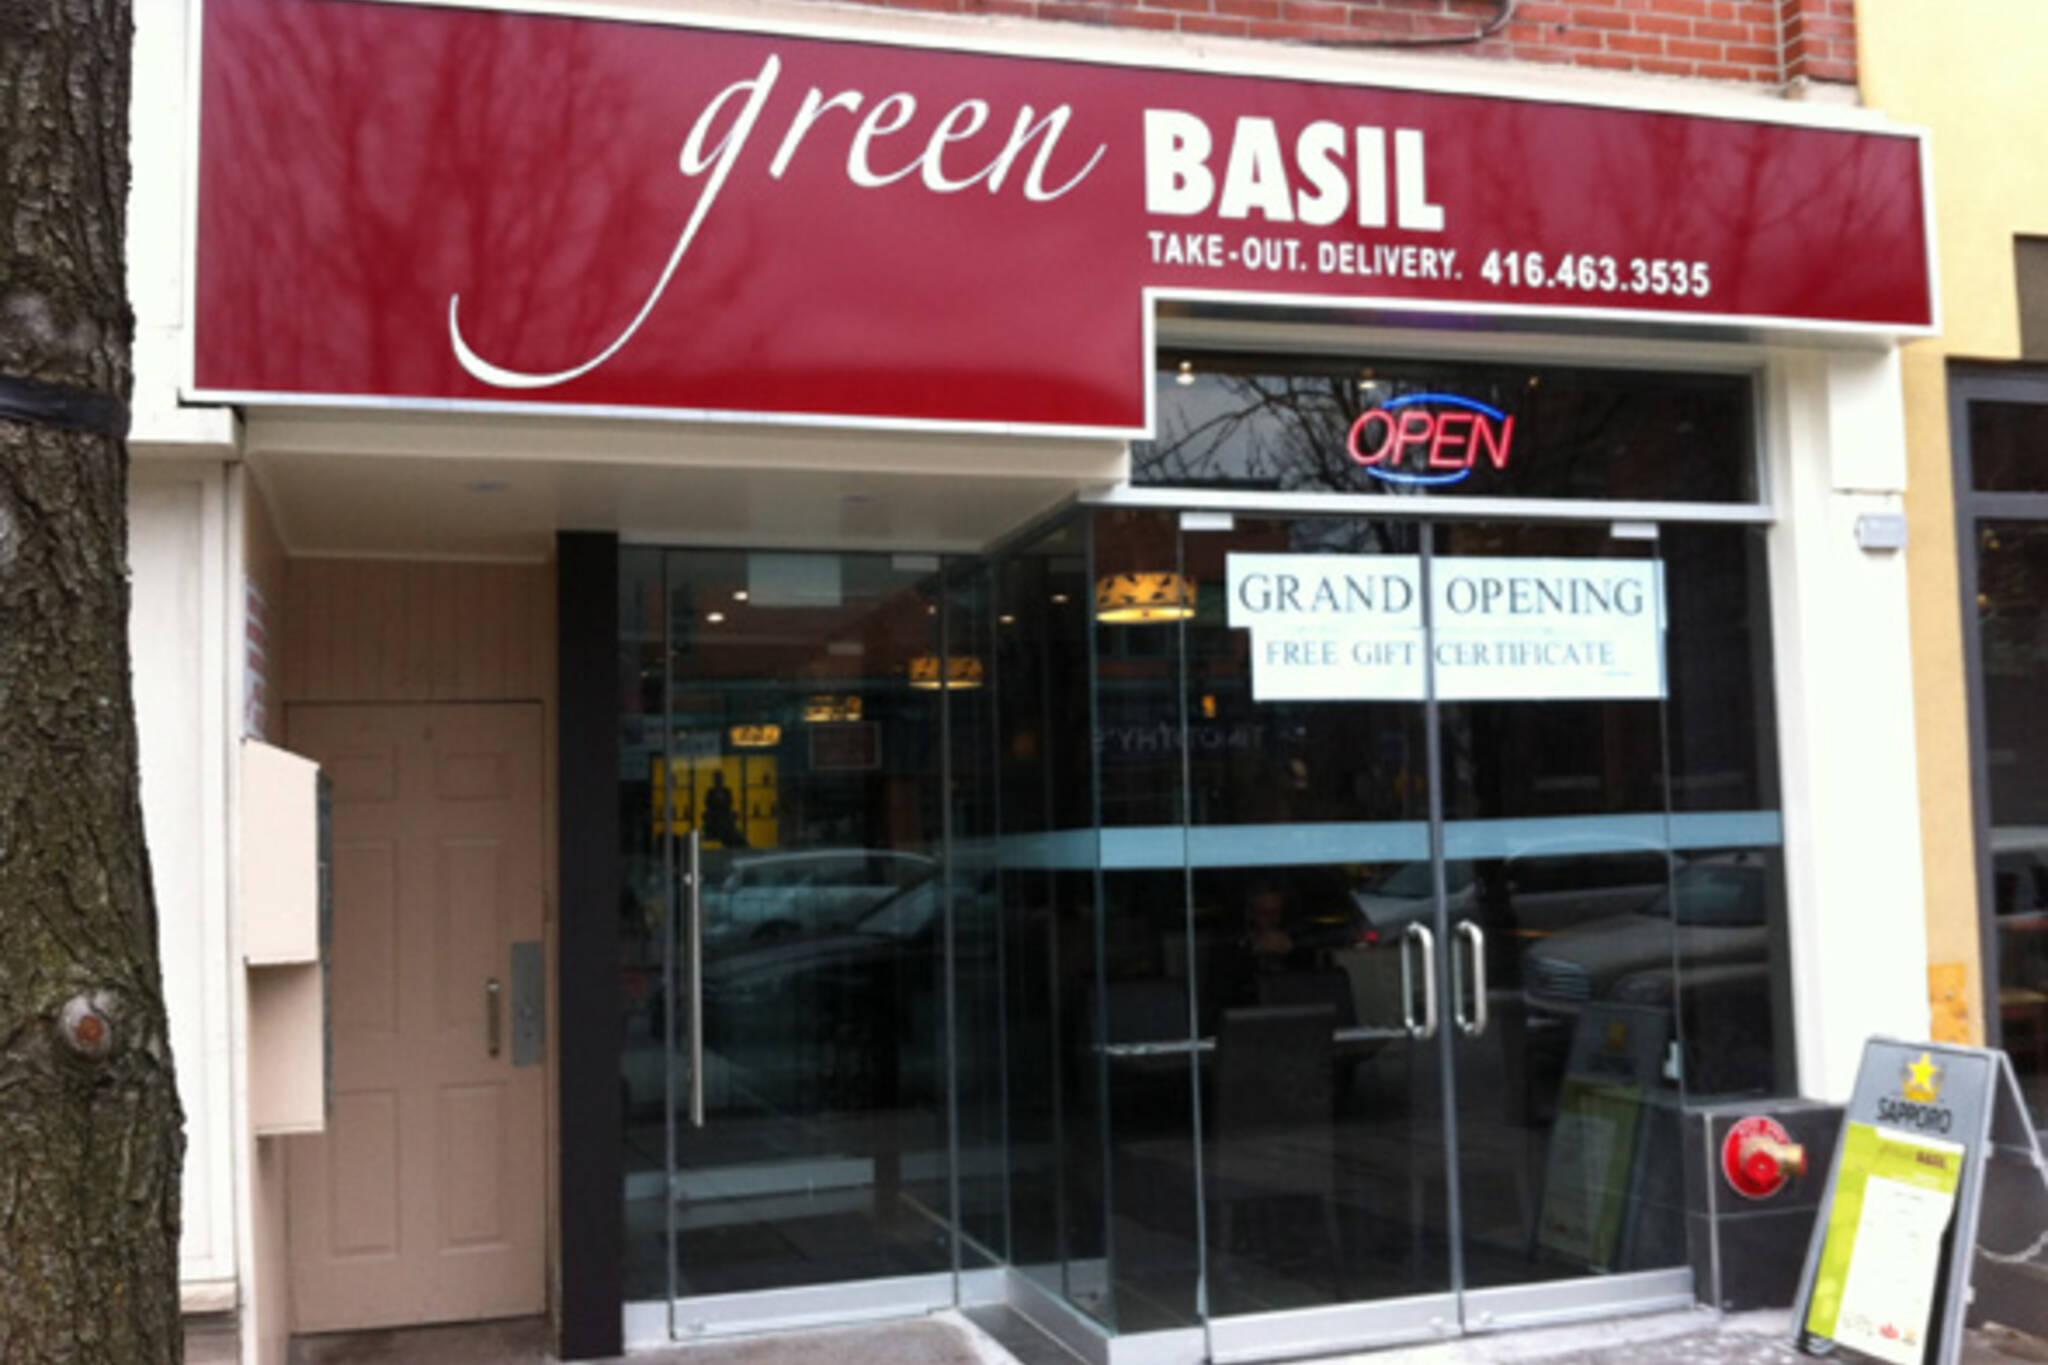 Green Basil Danforth